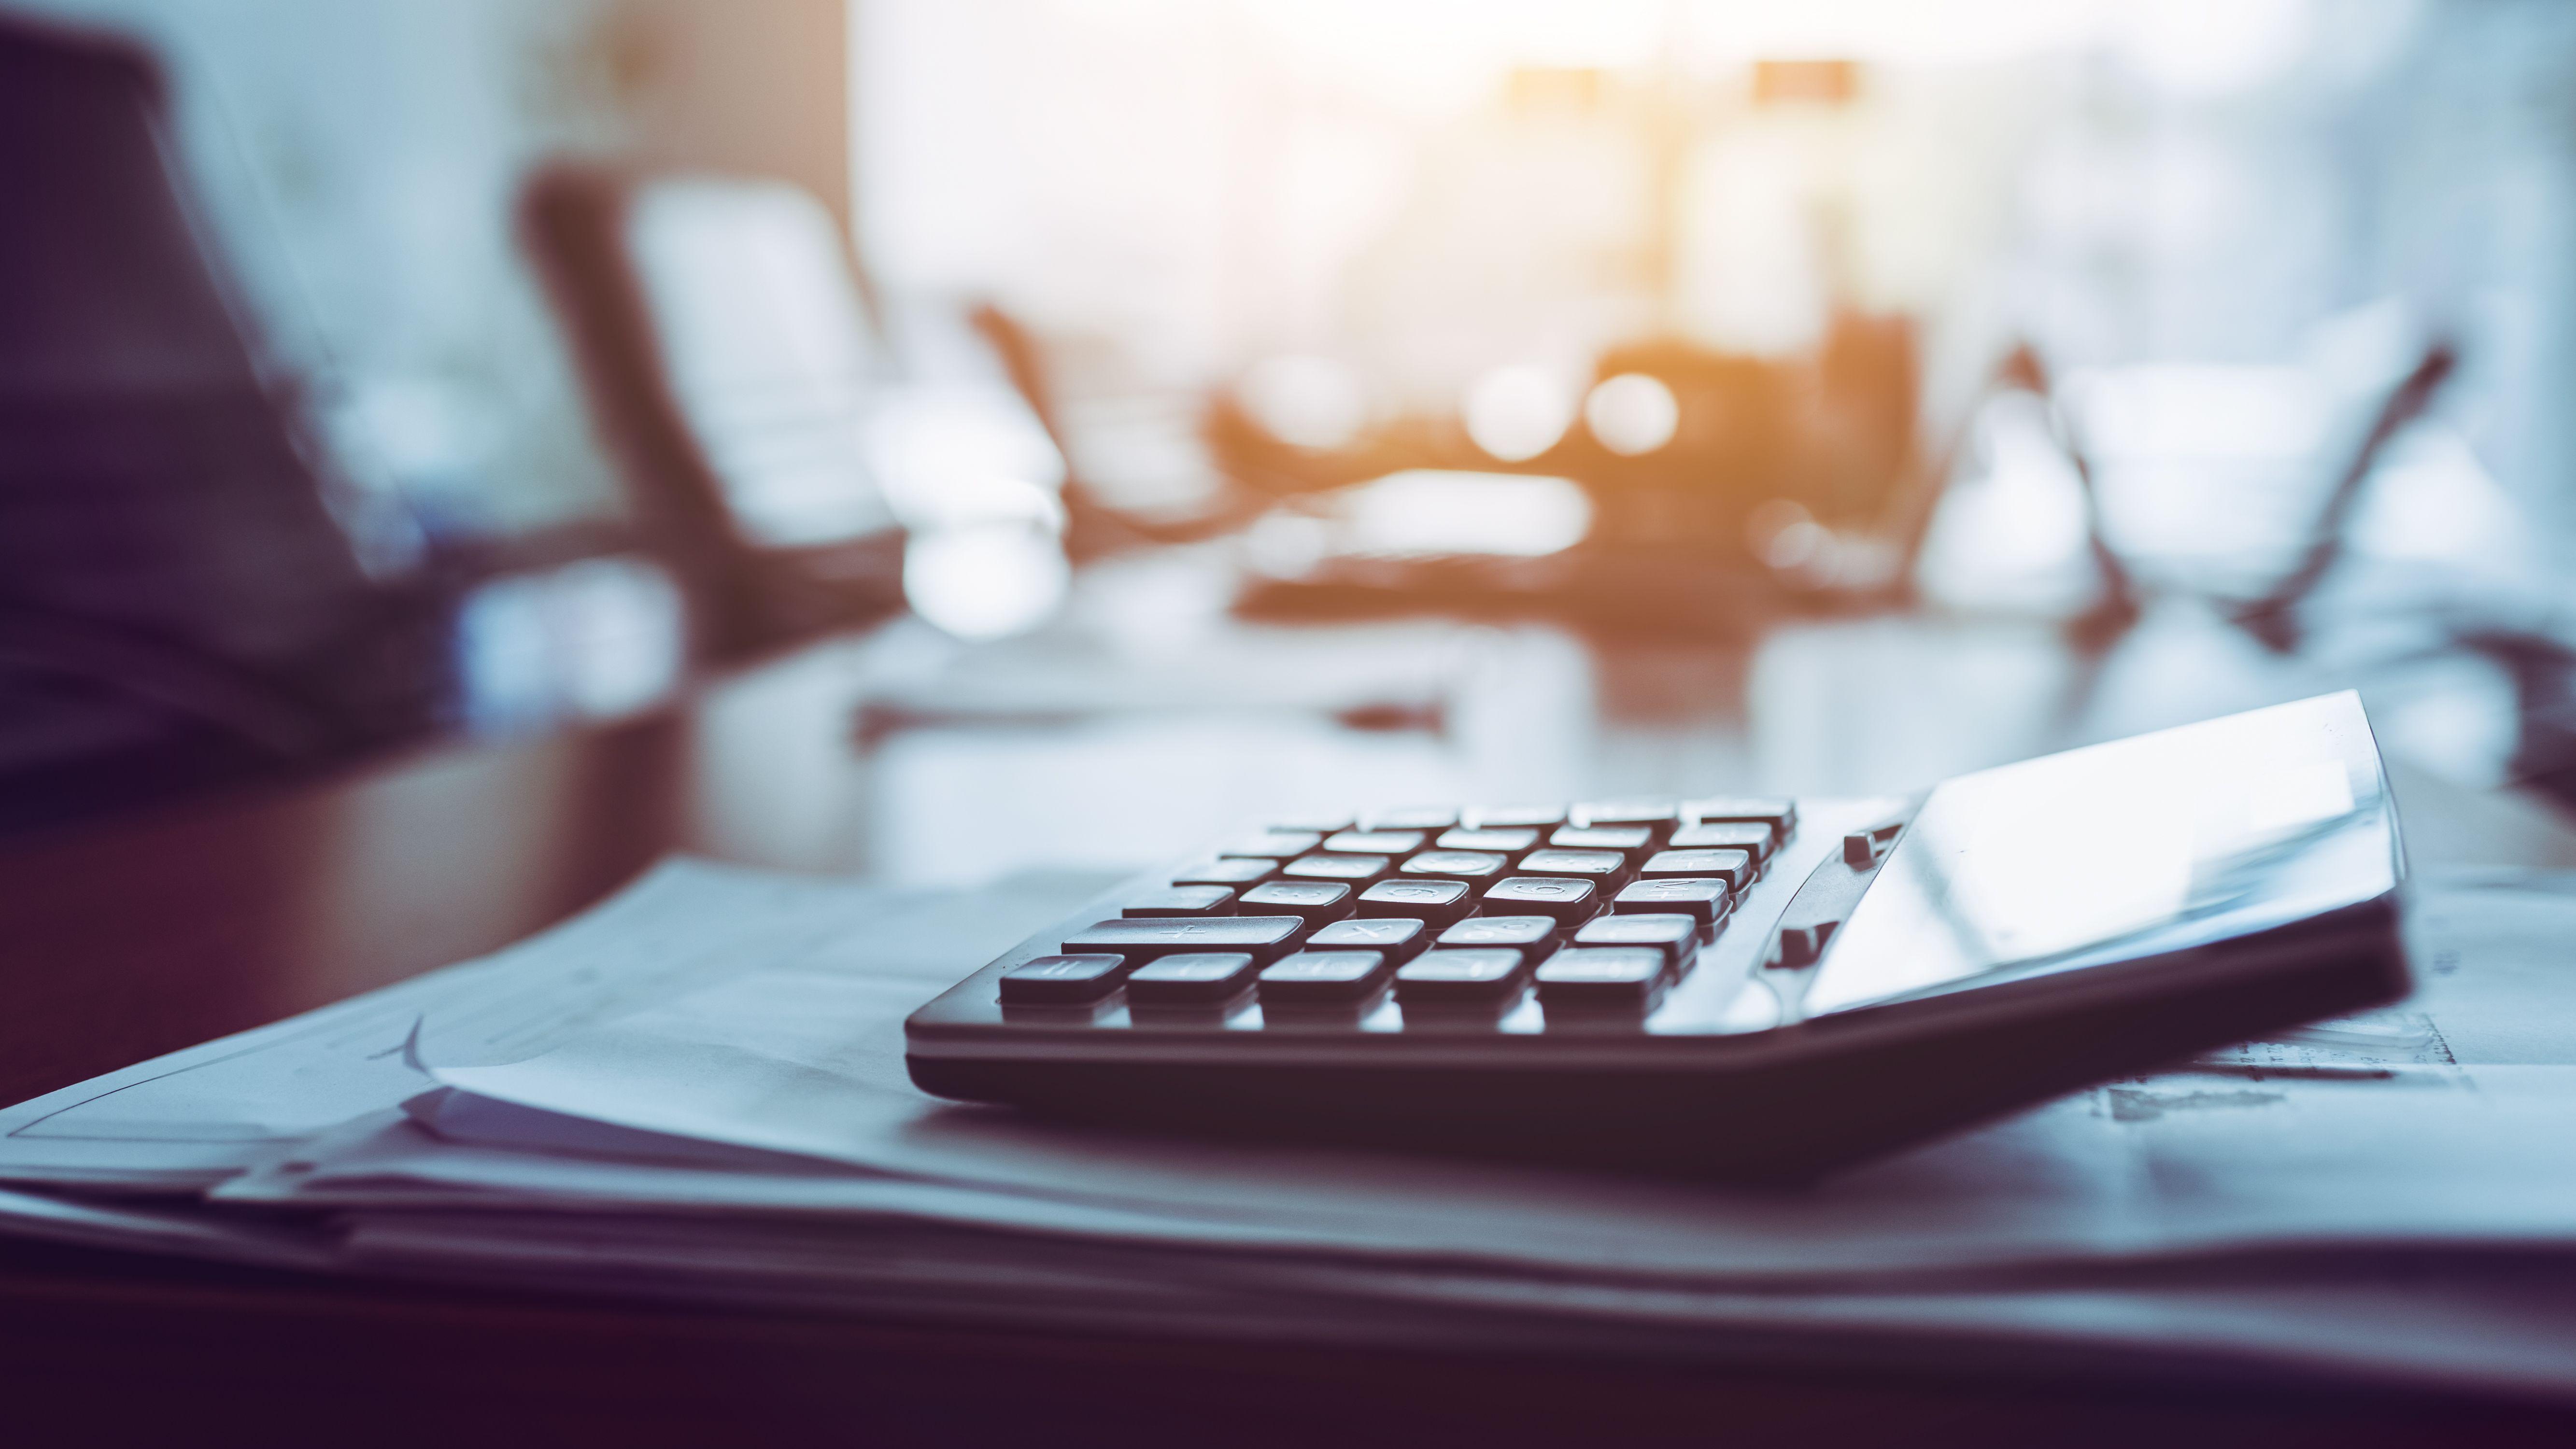 Rechtliche Auswirkungen von COVID-19 auf Insolvenzfälle